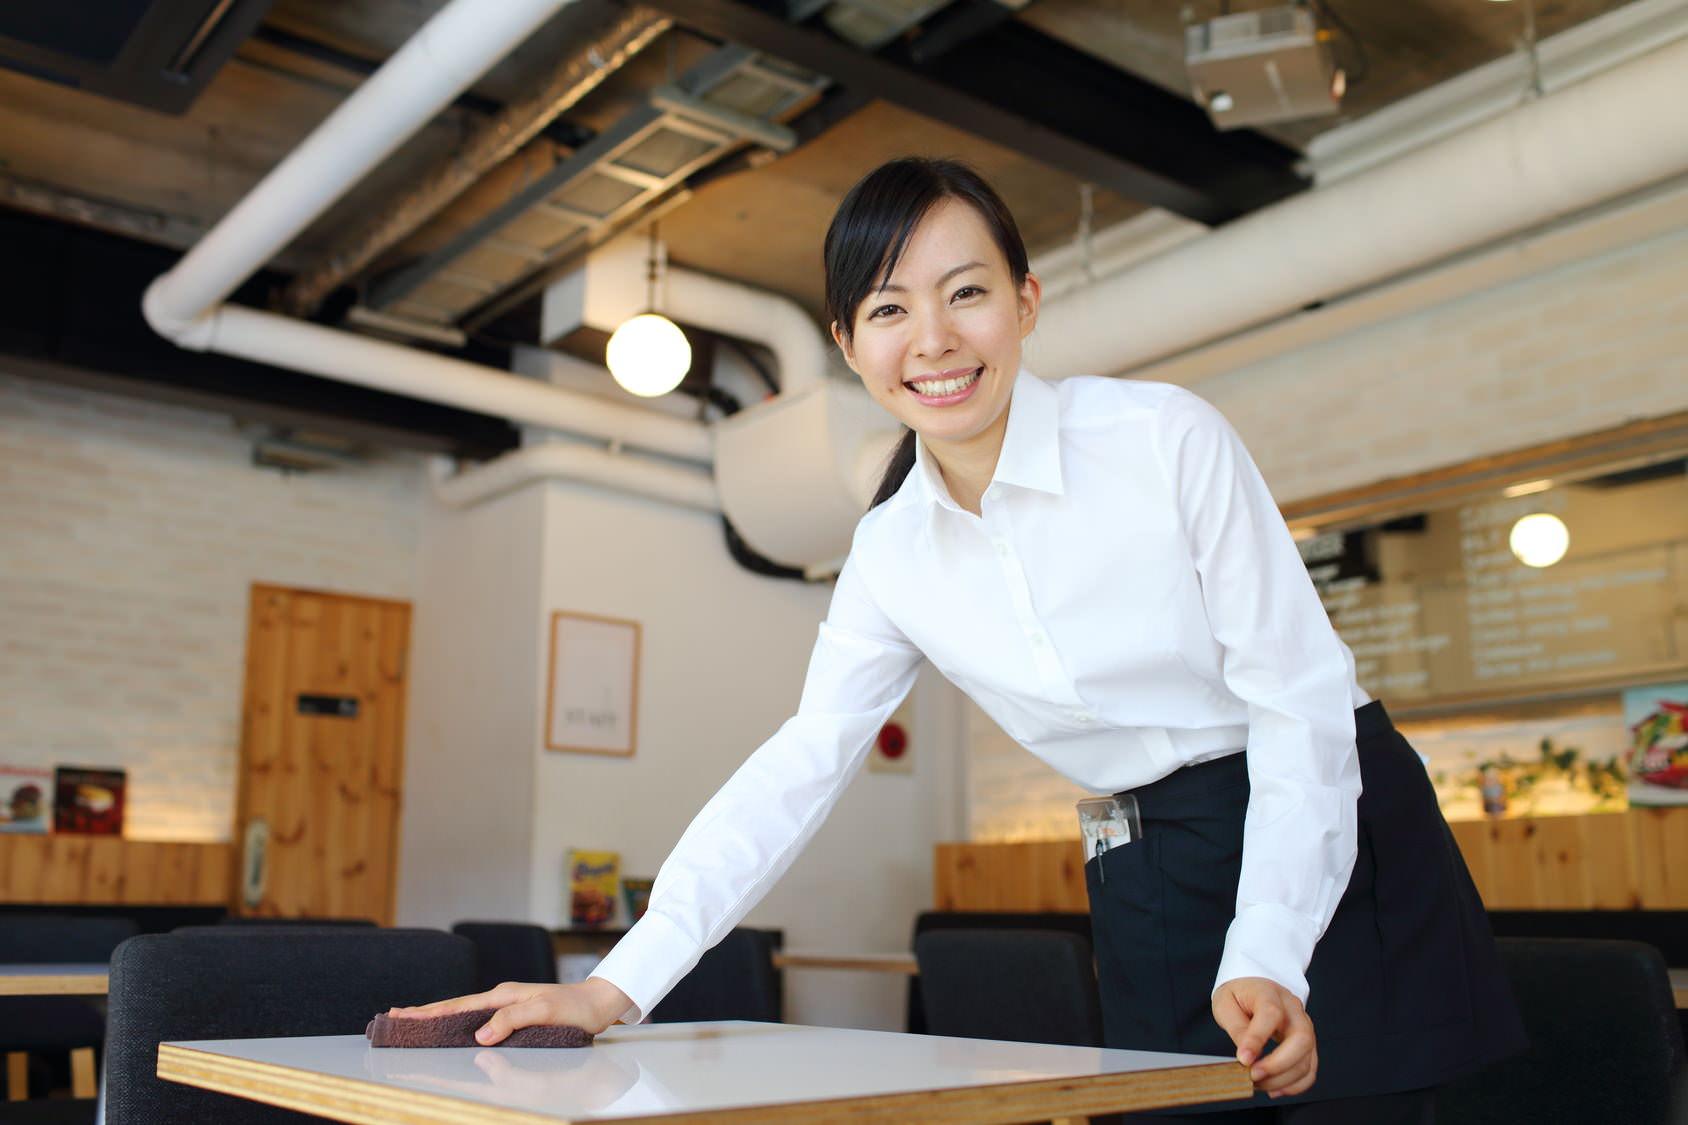 「アルバイト 女性」の画像検索結果